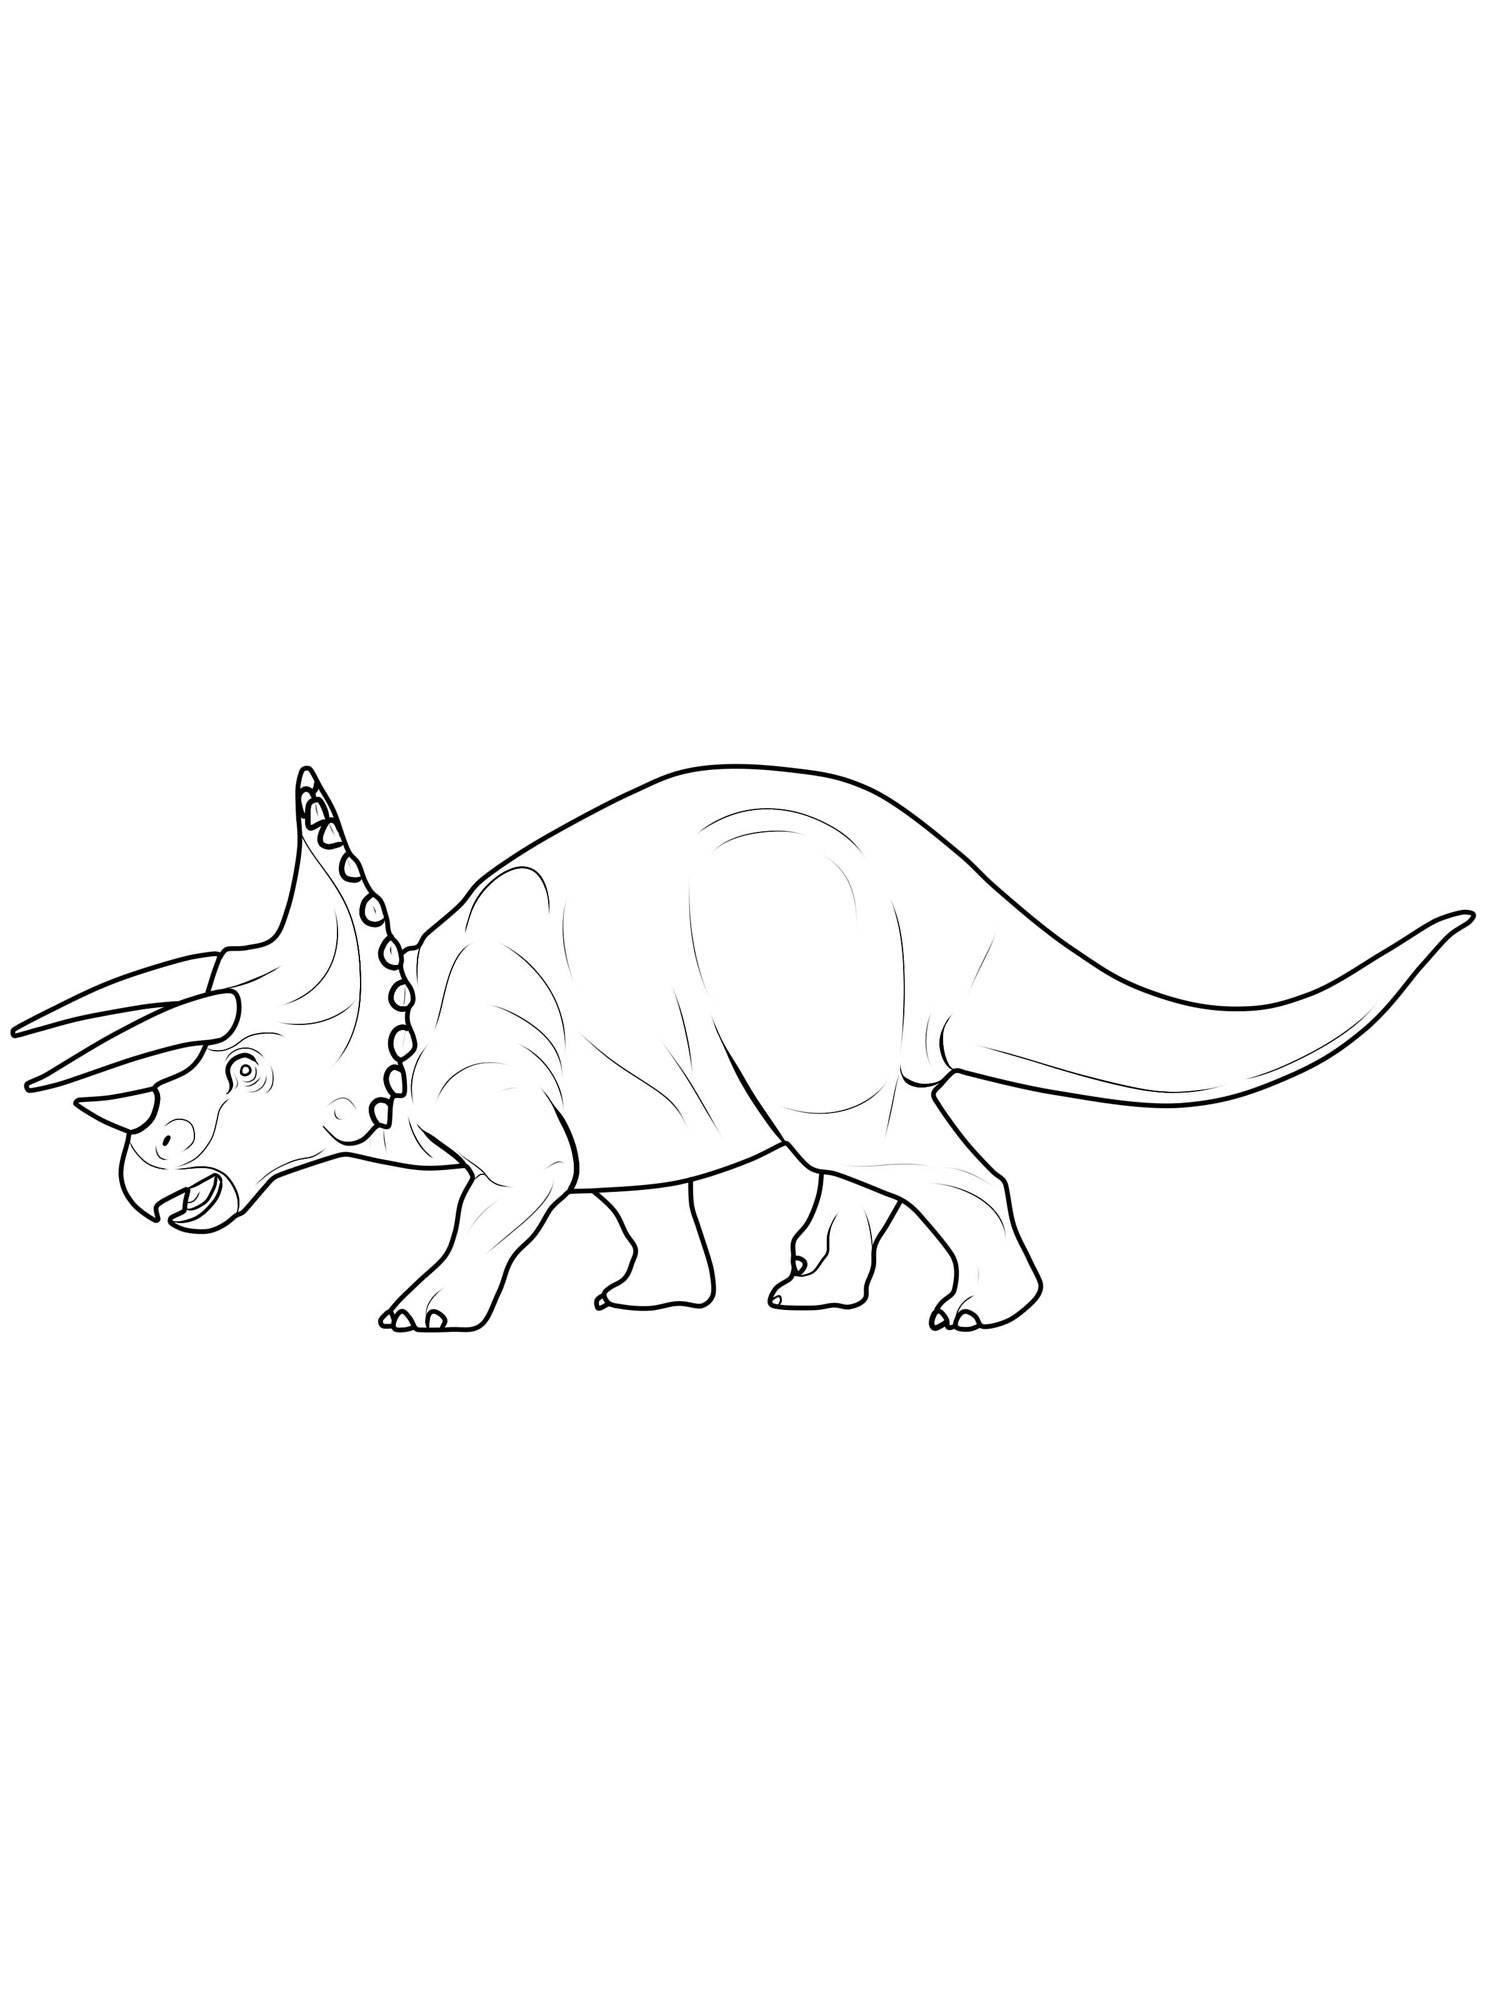 Ausmalbild Dinosaurier und Steinzeit Dinosaurier Triceratops kostenlos ausdrucken